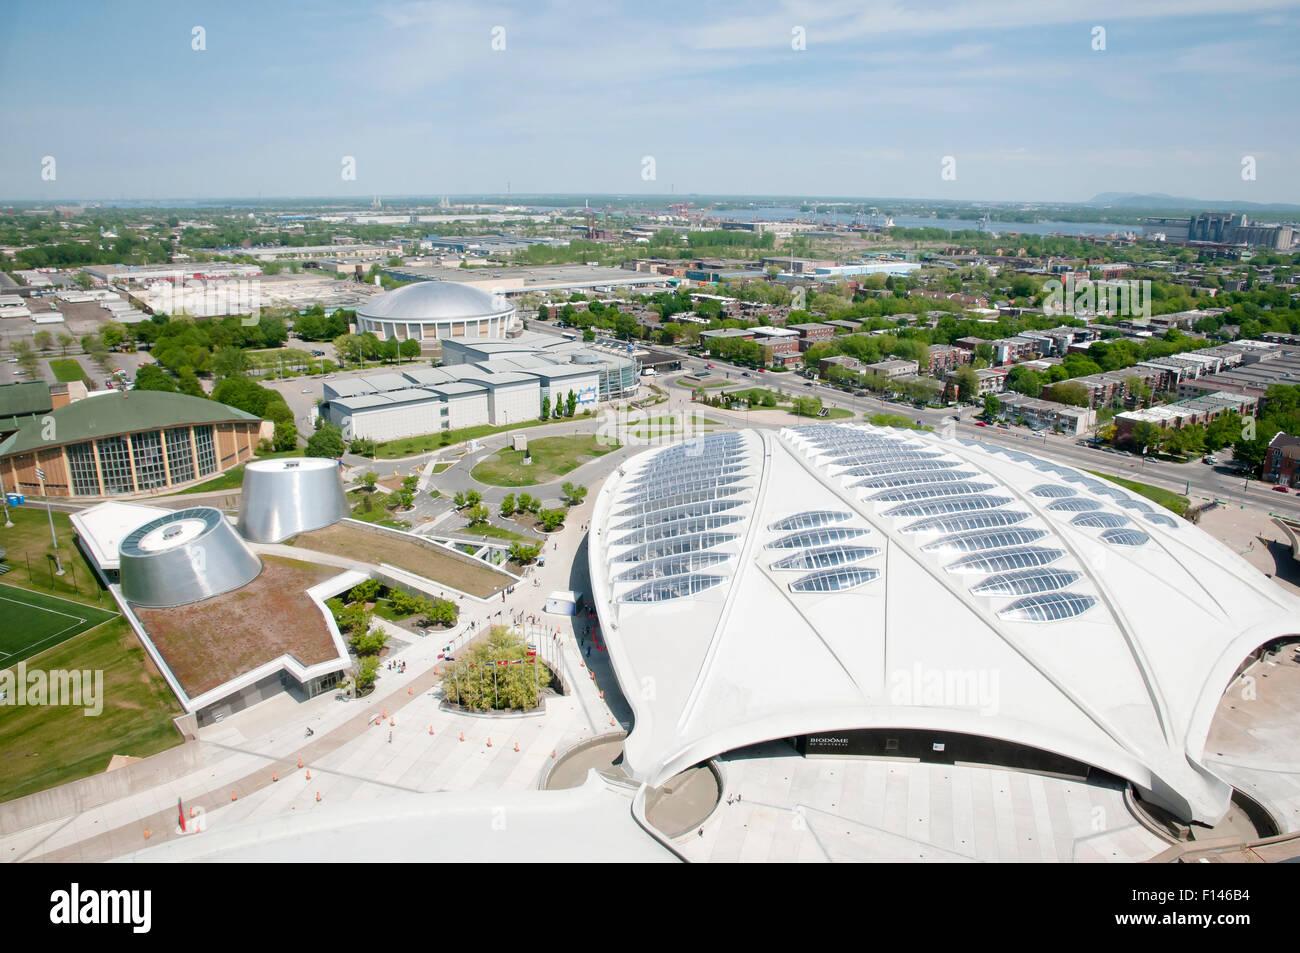 L'écosystème tropical - Montréal - Canada Photo Stock